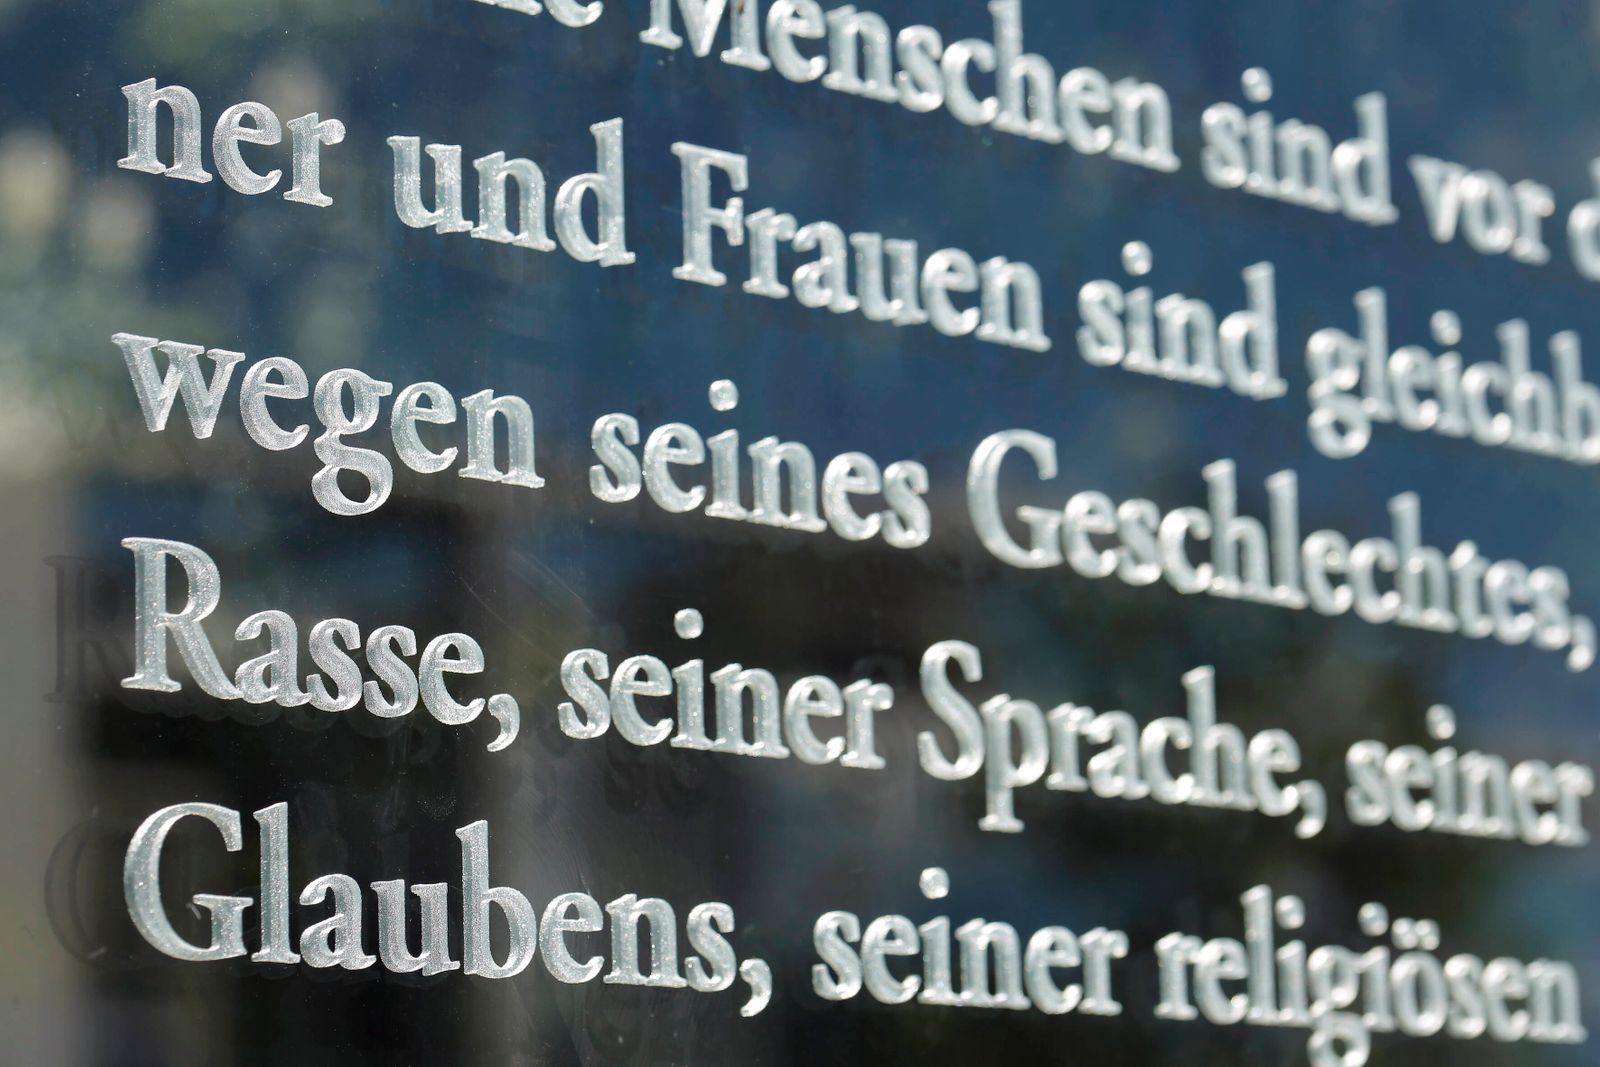 15.06.2020, Berlin, Deutschland - Foto: Ausschnitt aus Artikel 3 des Grundgesetzes auf der Glaswand zur Spreeseite am Ja